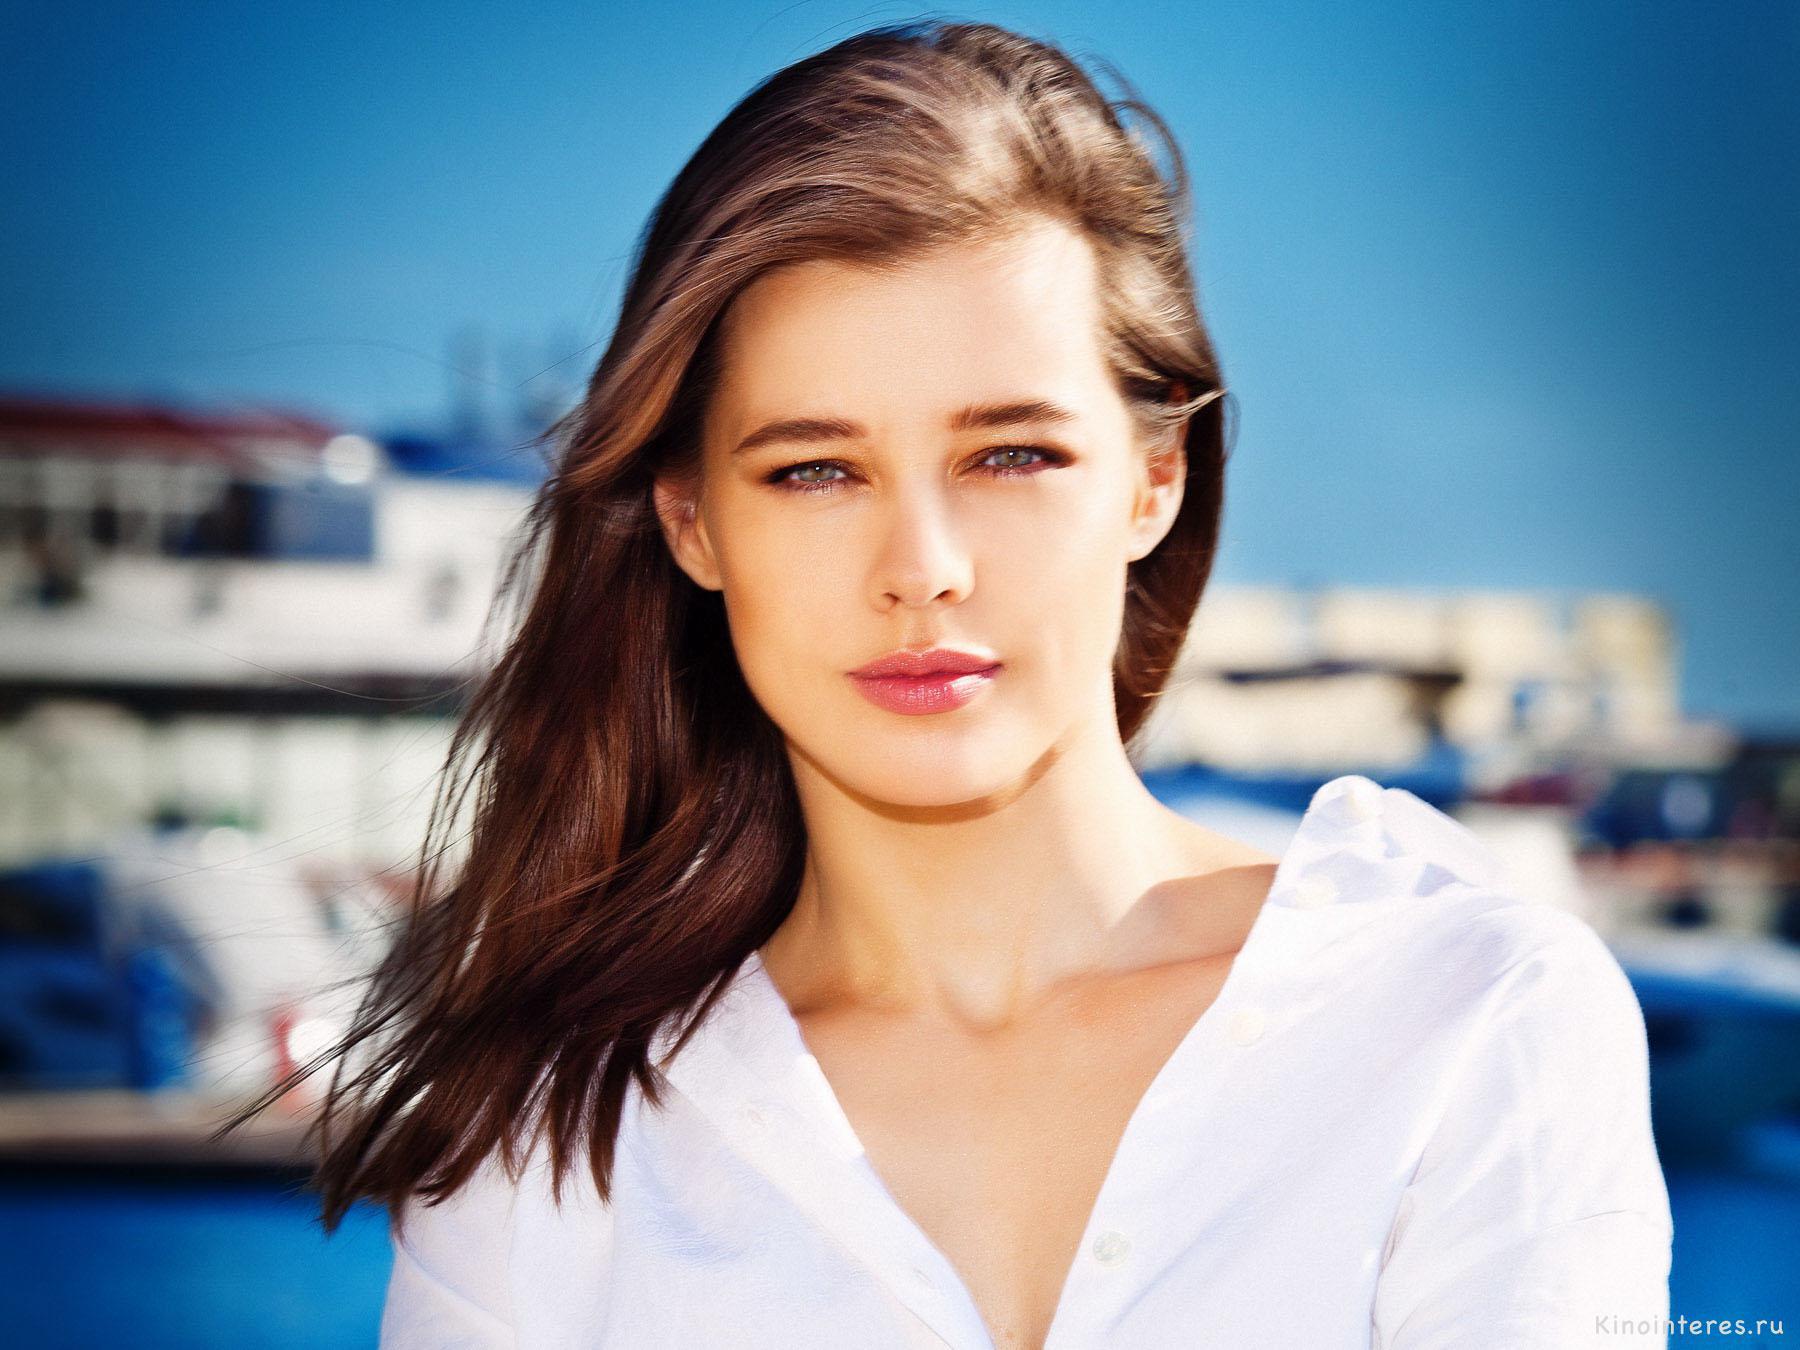 Катерина Шпица ответила на критику пляжных фото